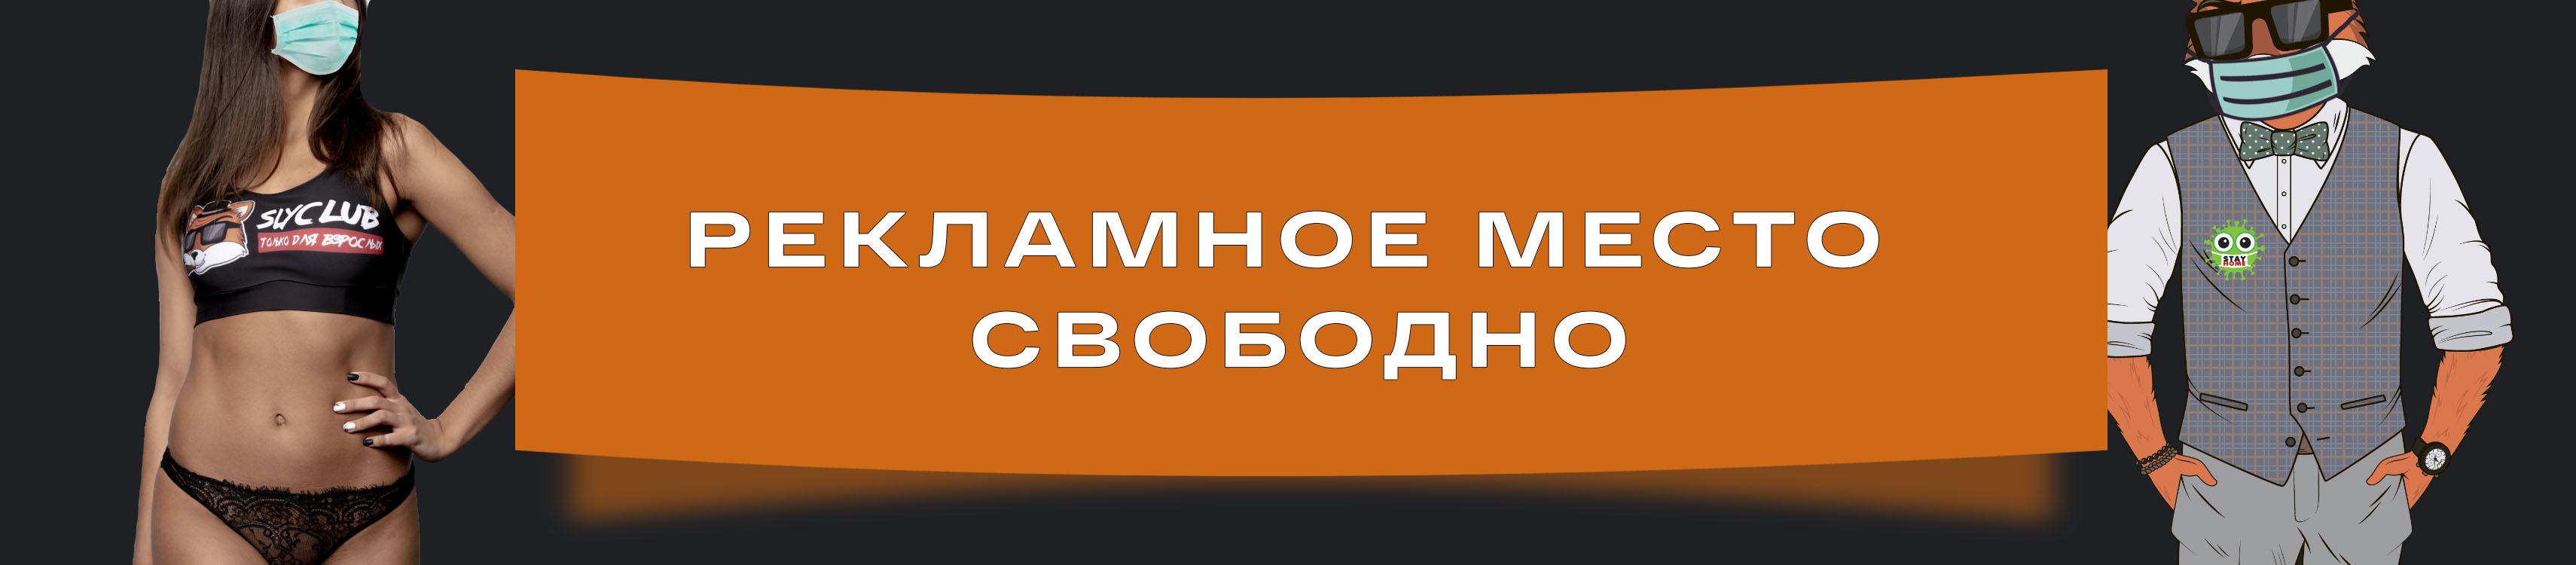 Добро пожаловать в клуб